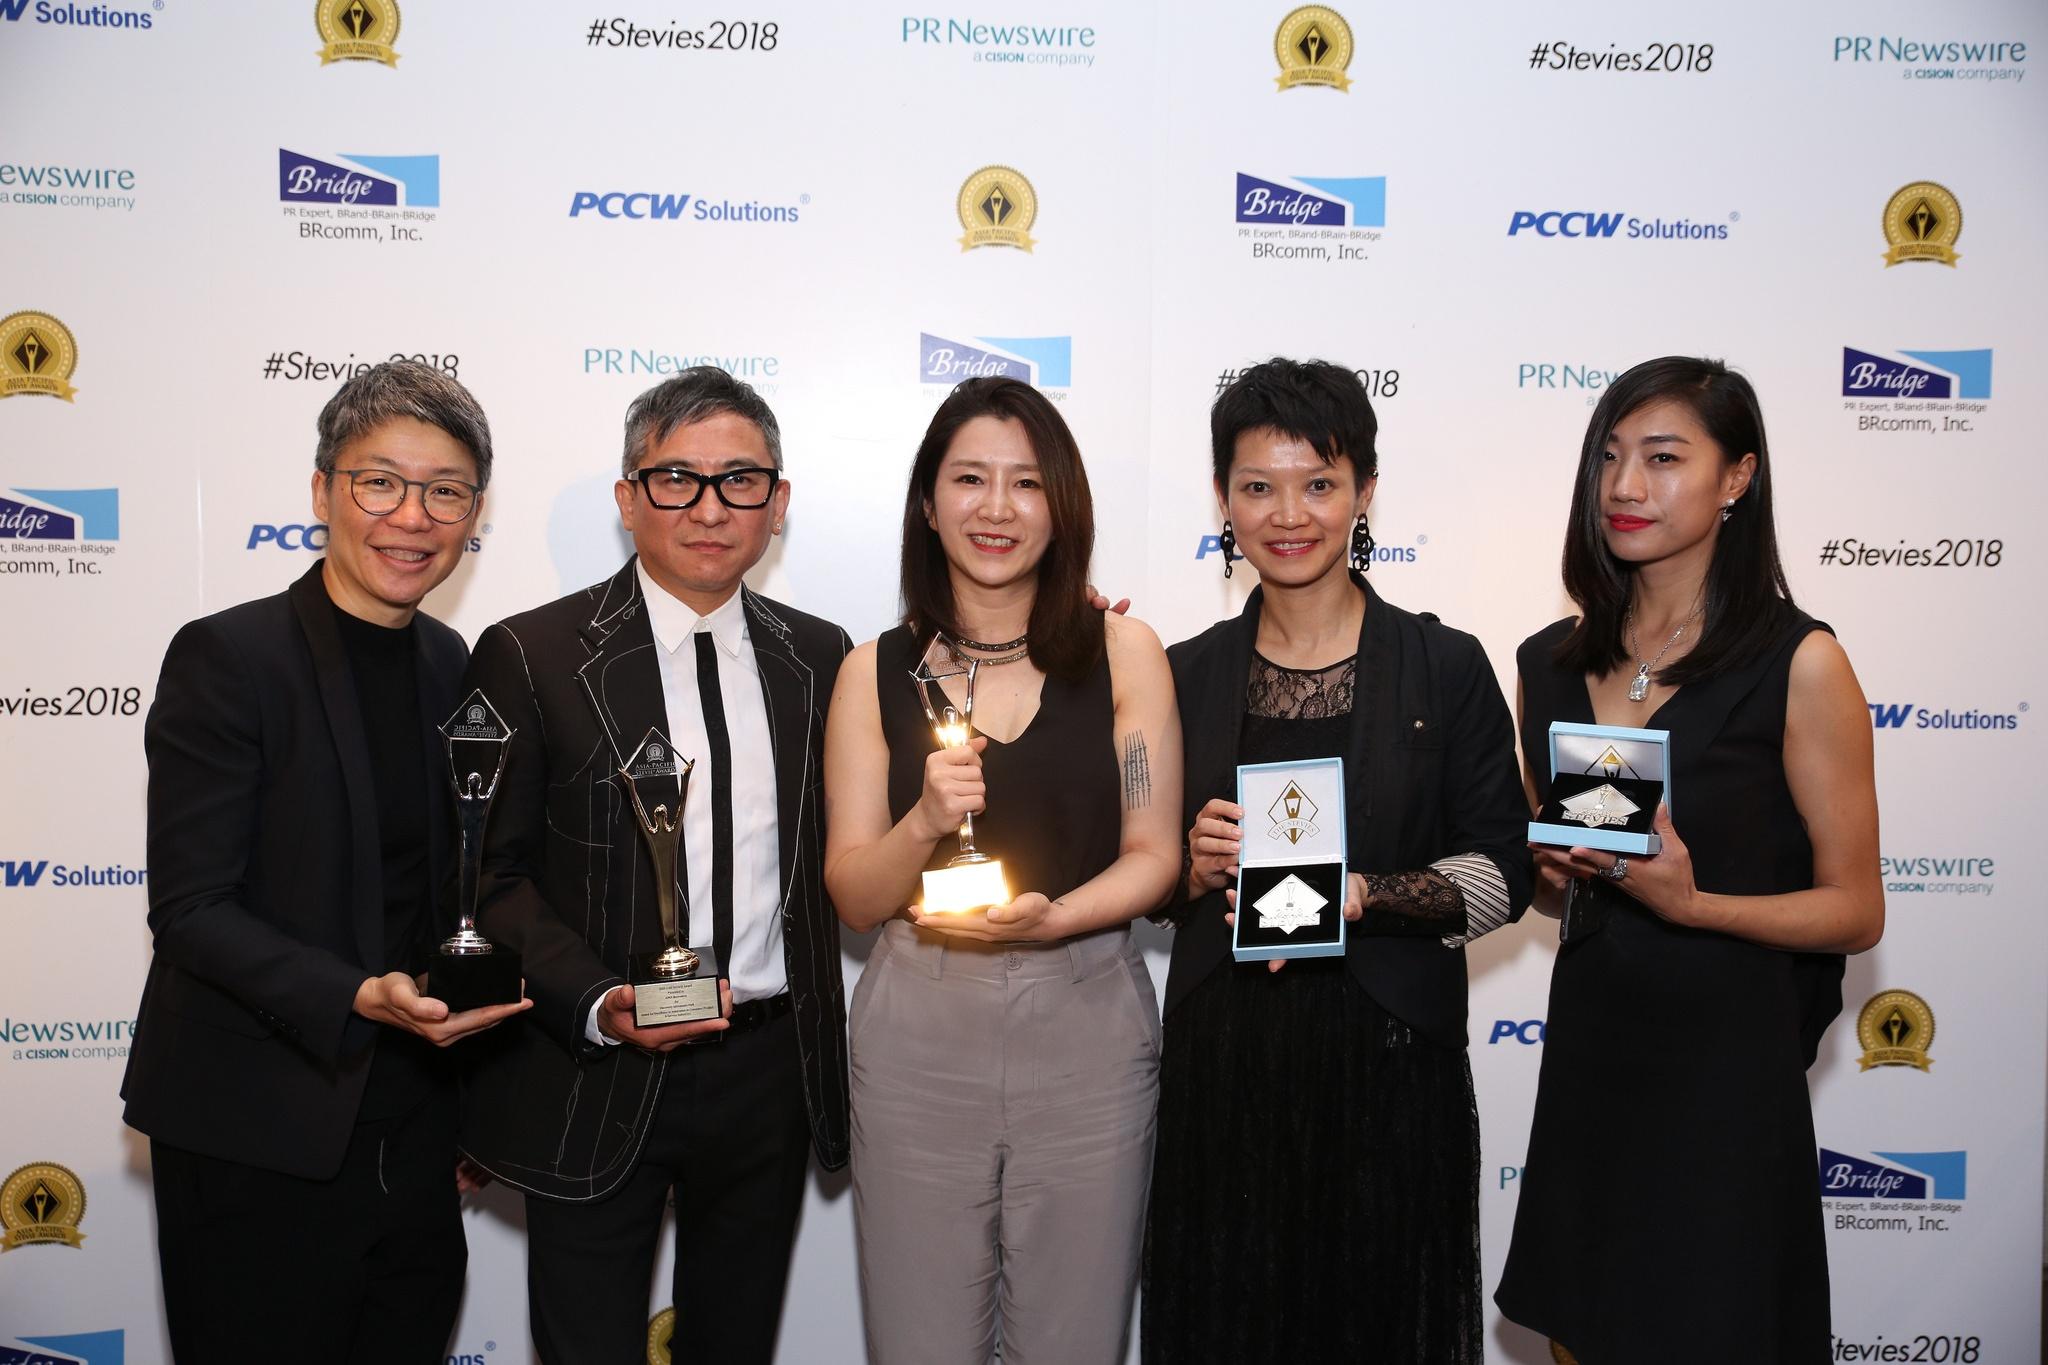 Mời tham gia đề cử Giải thưởng Stevie® Awards Châu Á - Thái Bình Dương thường niên lần thứ 6